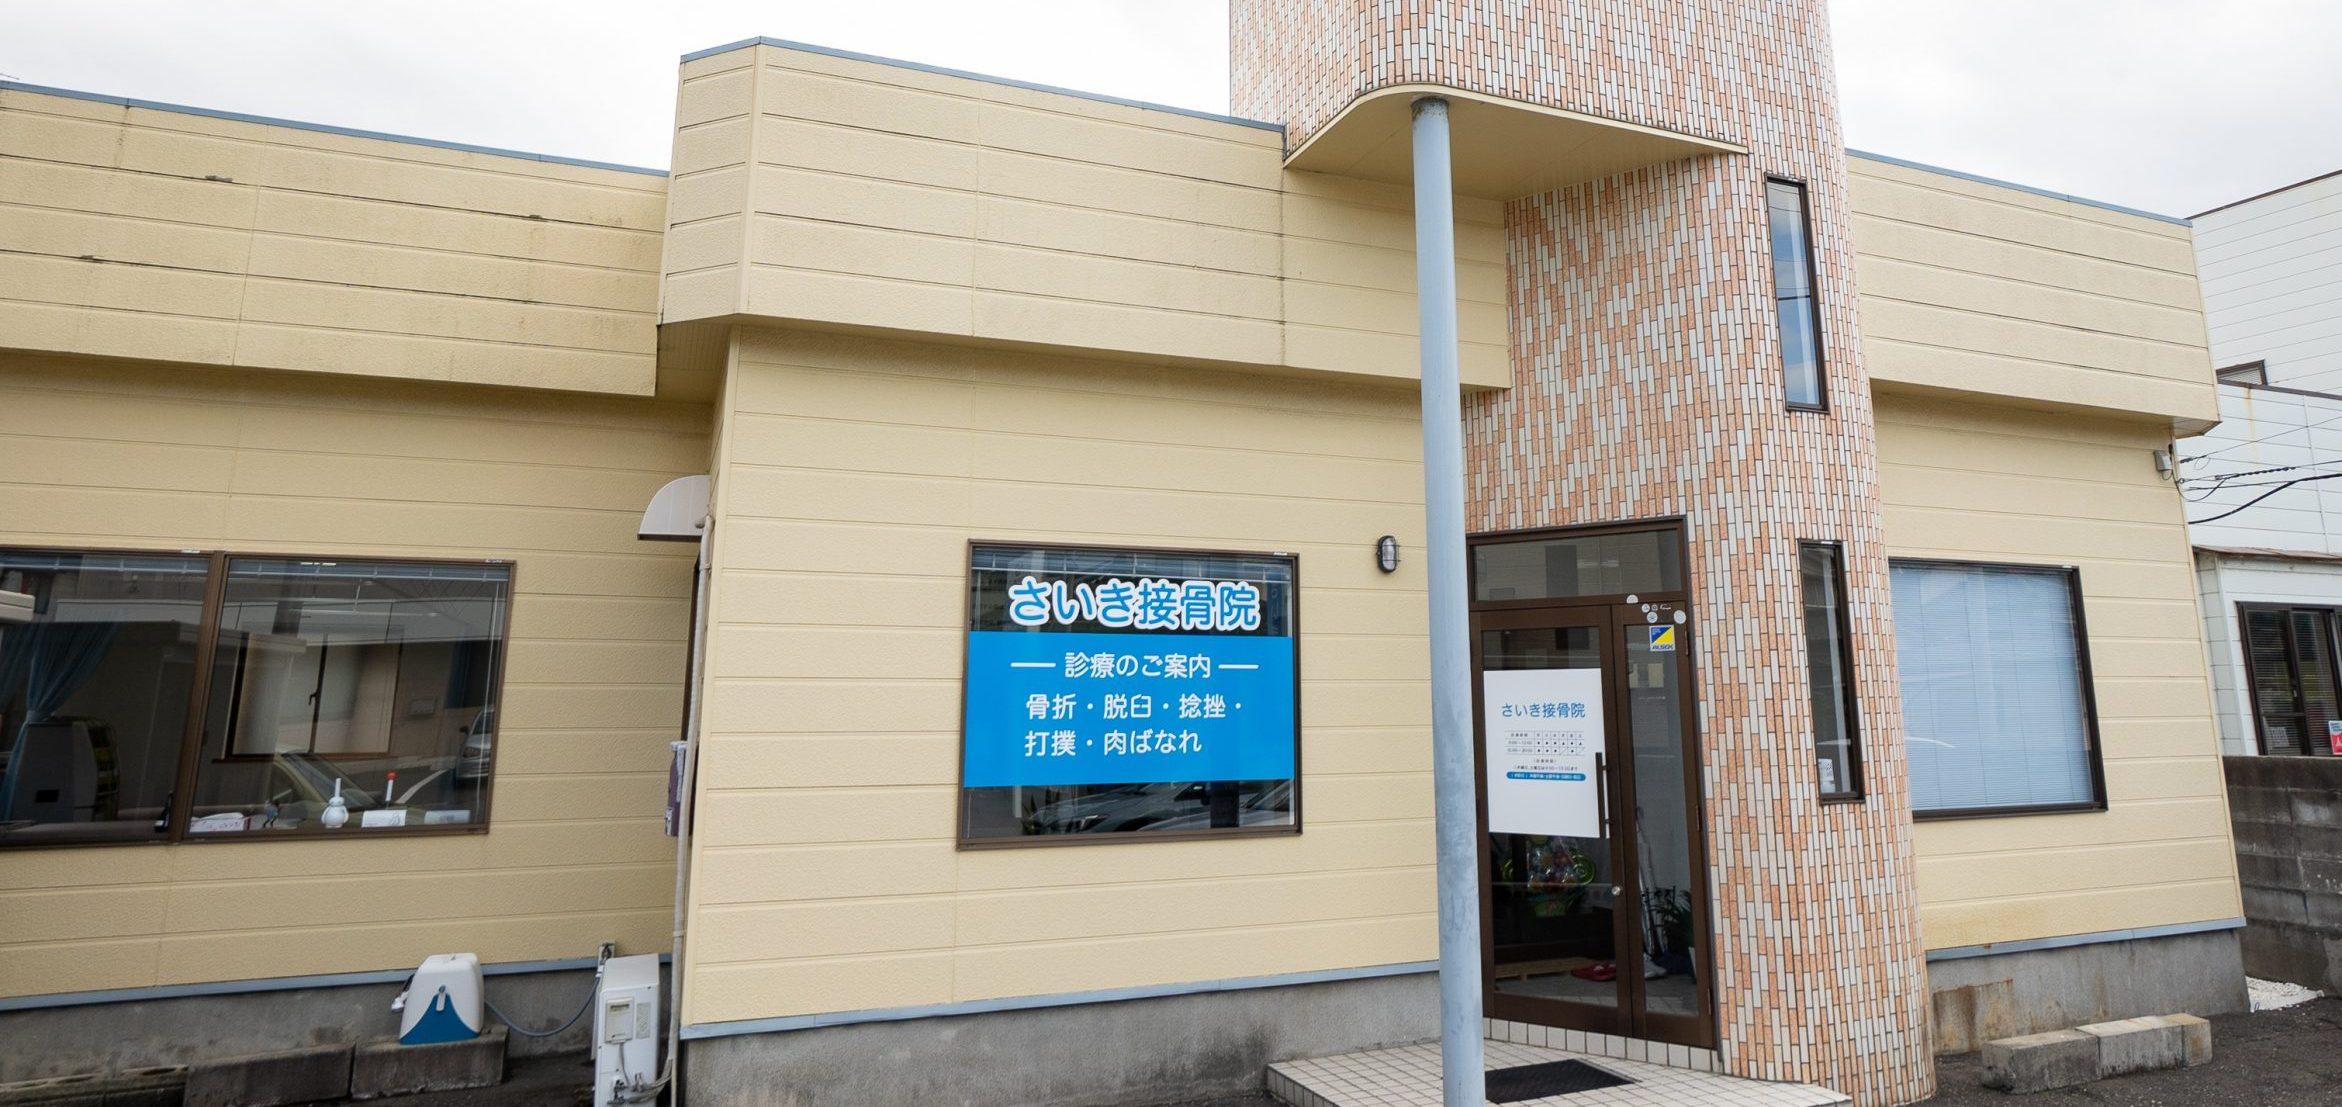 新潟市中央区のさいき接骨院の外観写真